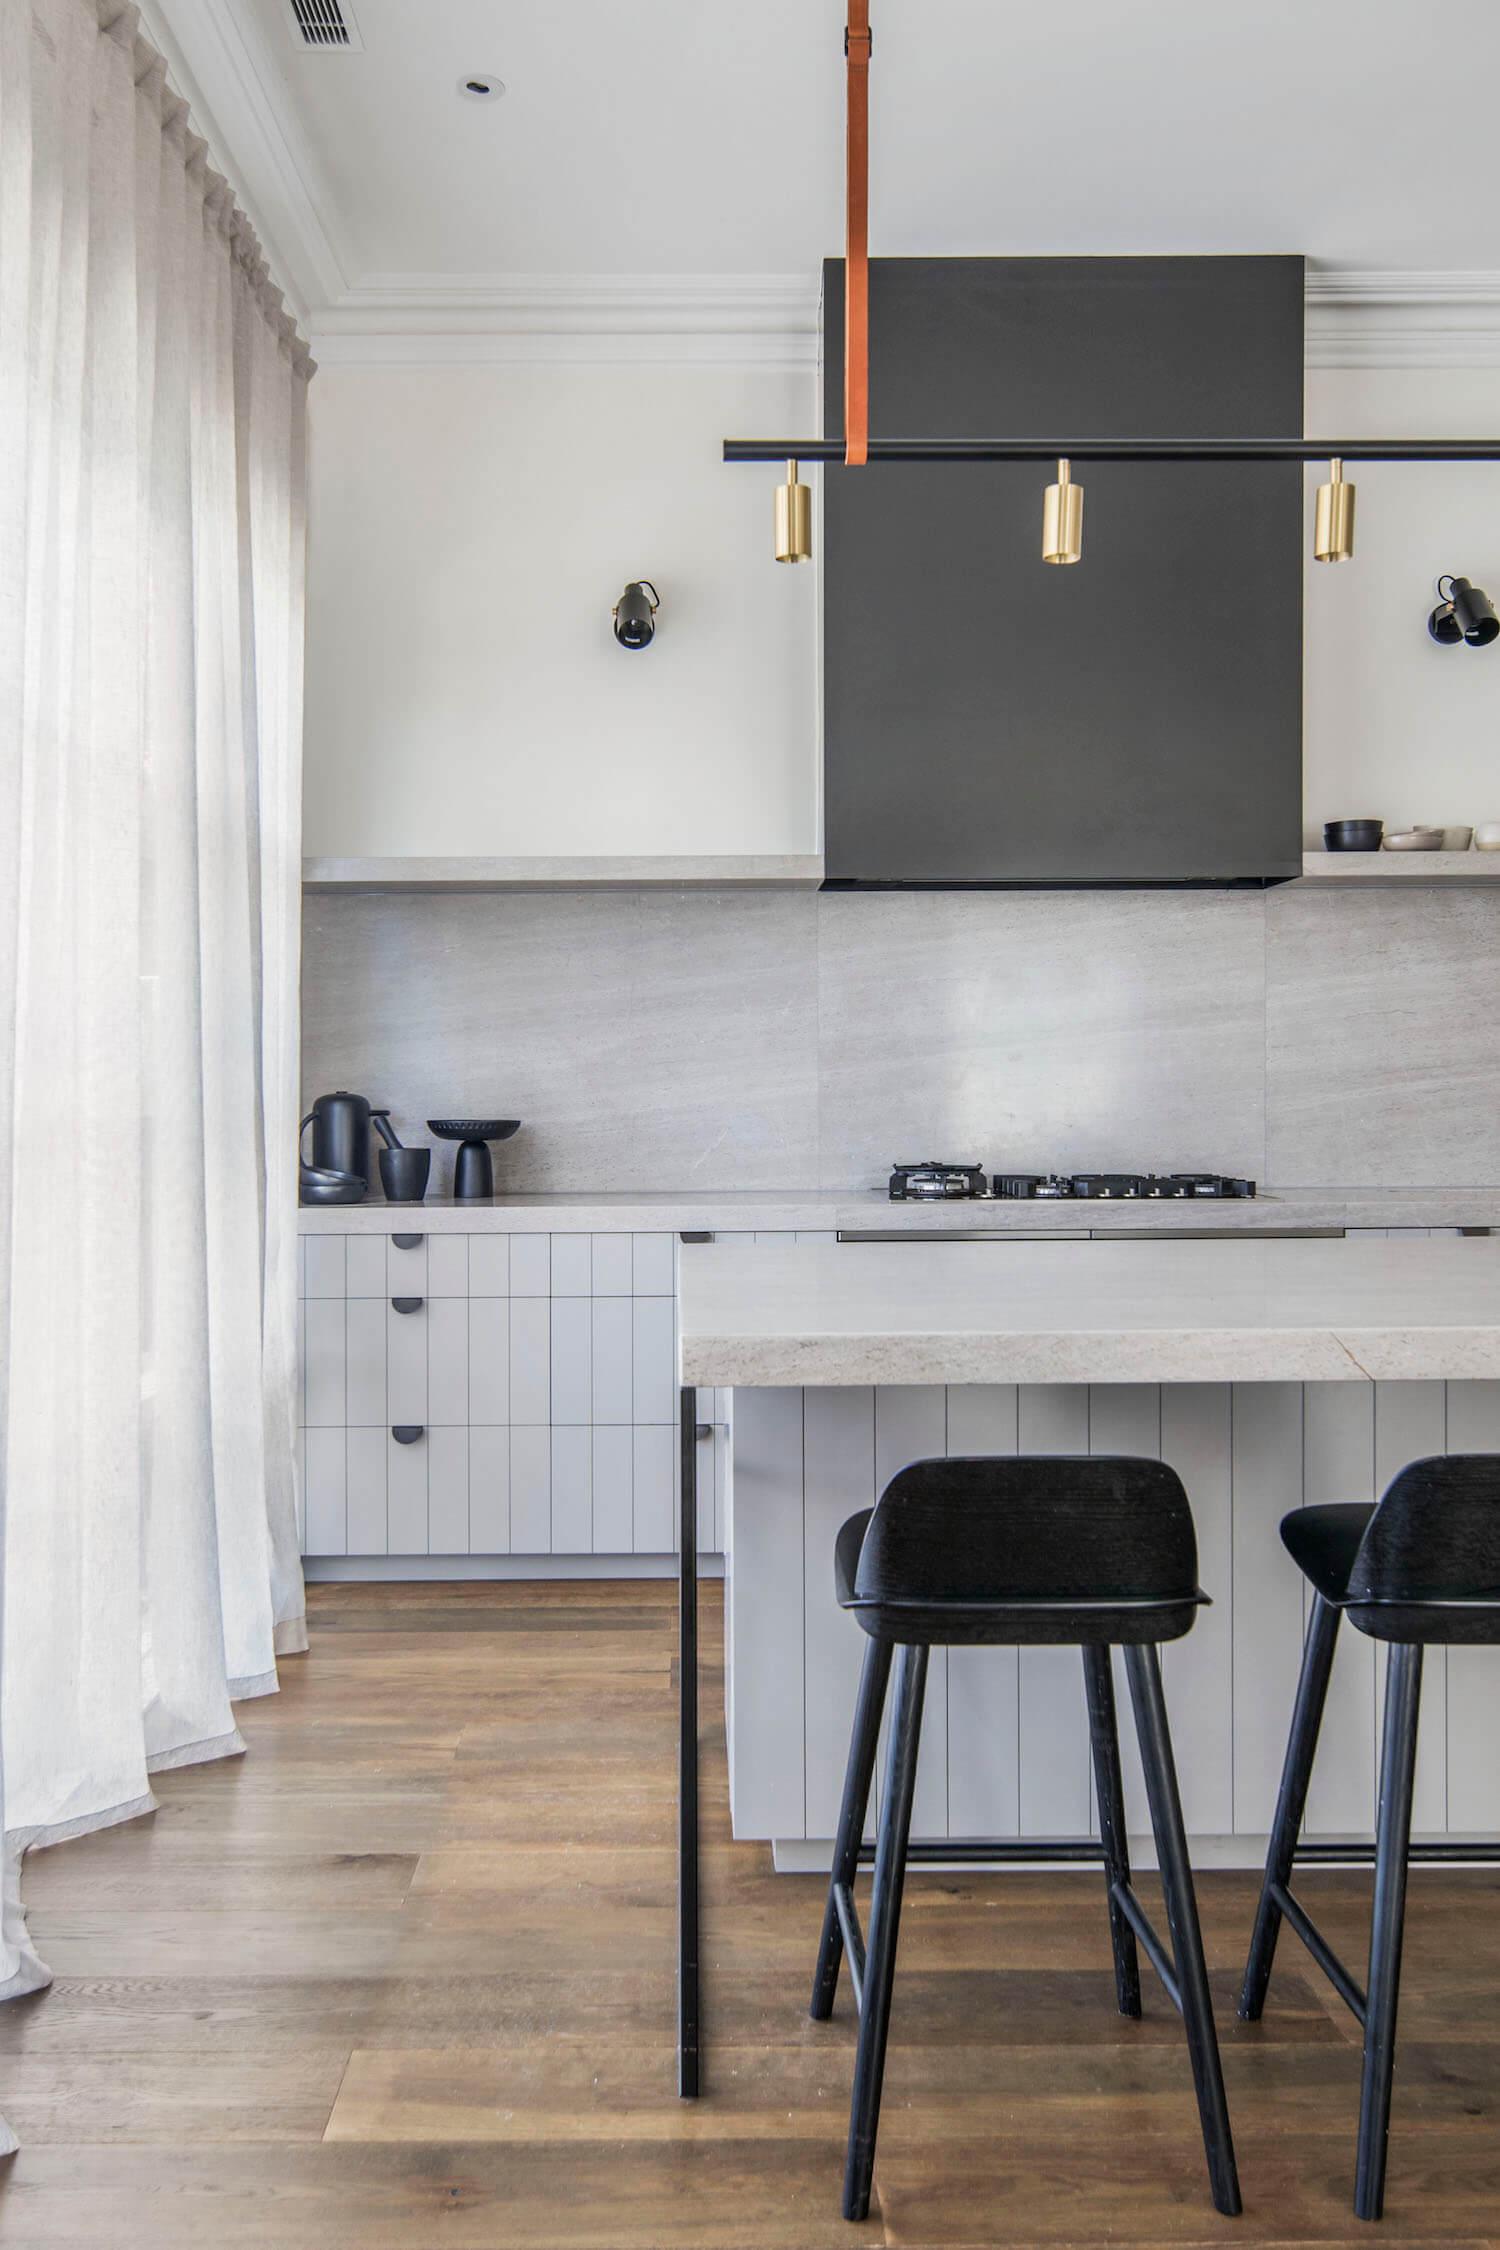 est living australian interiors cjh design rosebery home 13